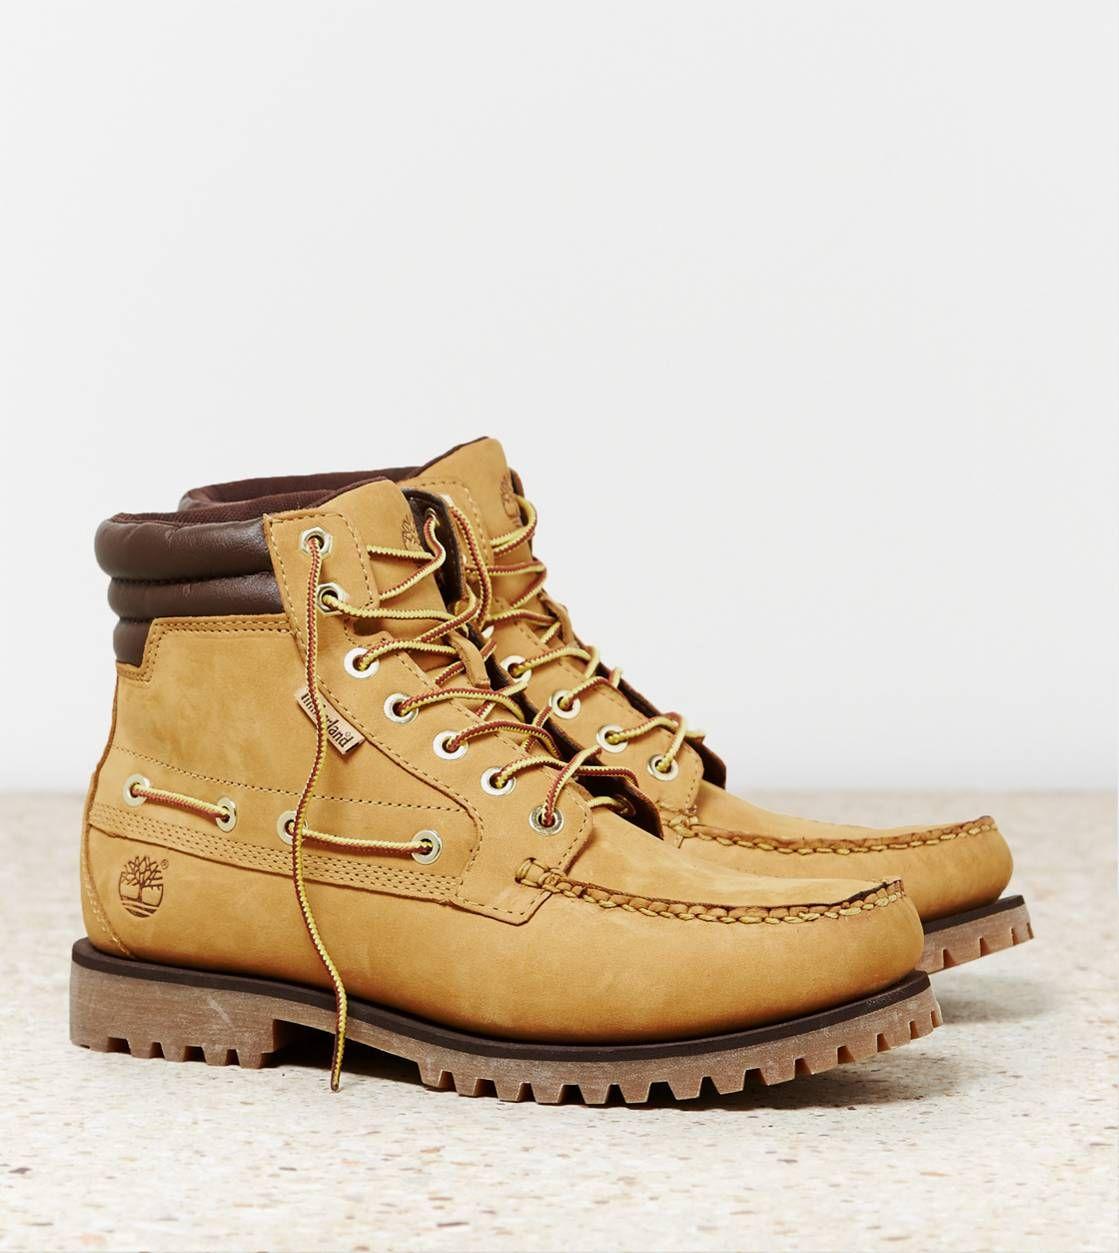 Timberland Oakwell Boot   My Style   Timberland, Boots, Timberland boots cc2ffa73b647